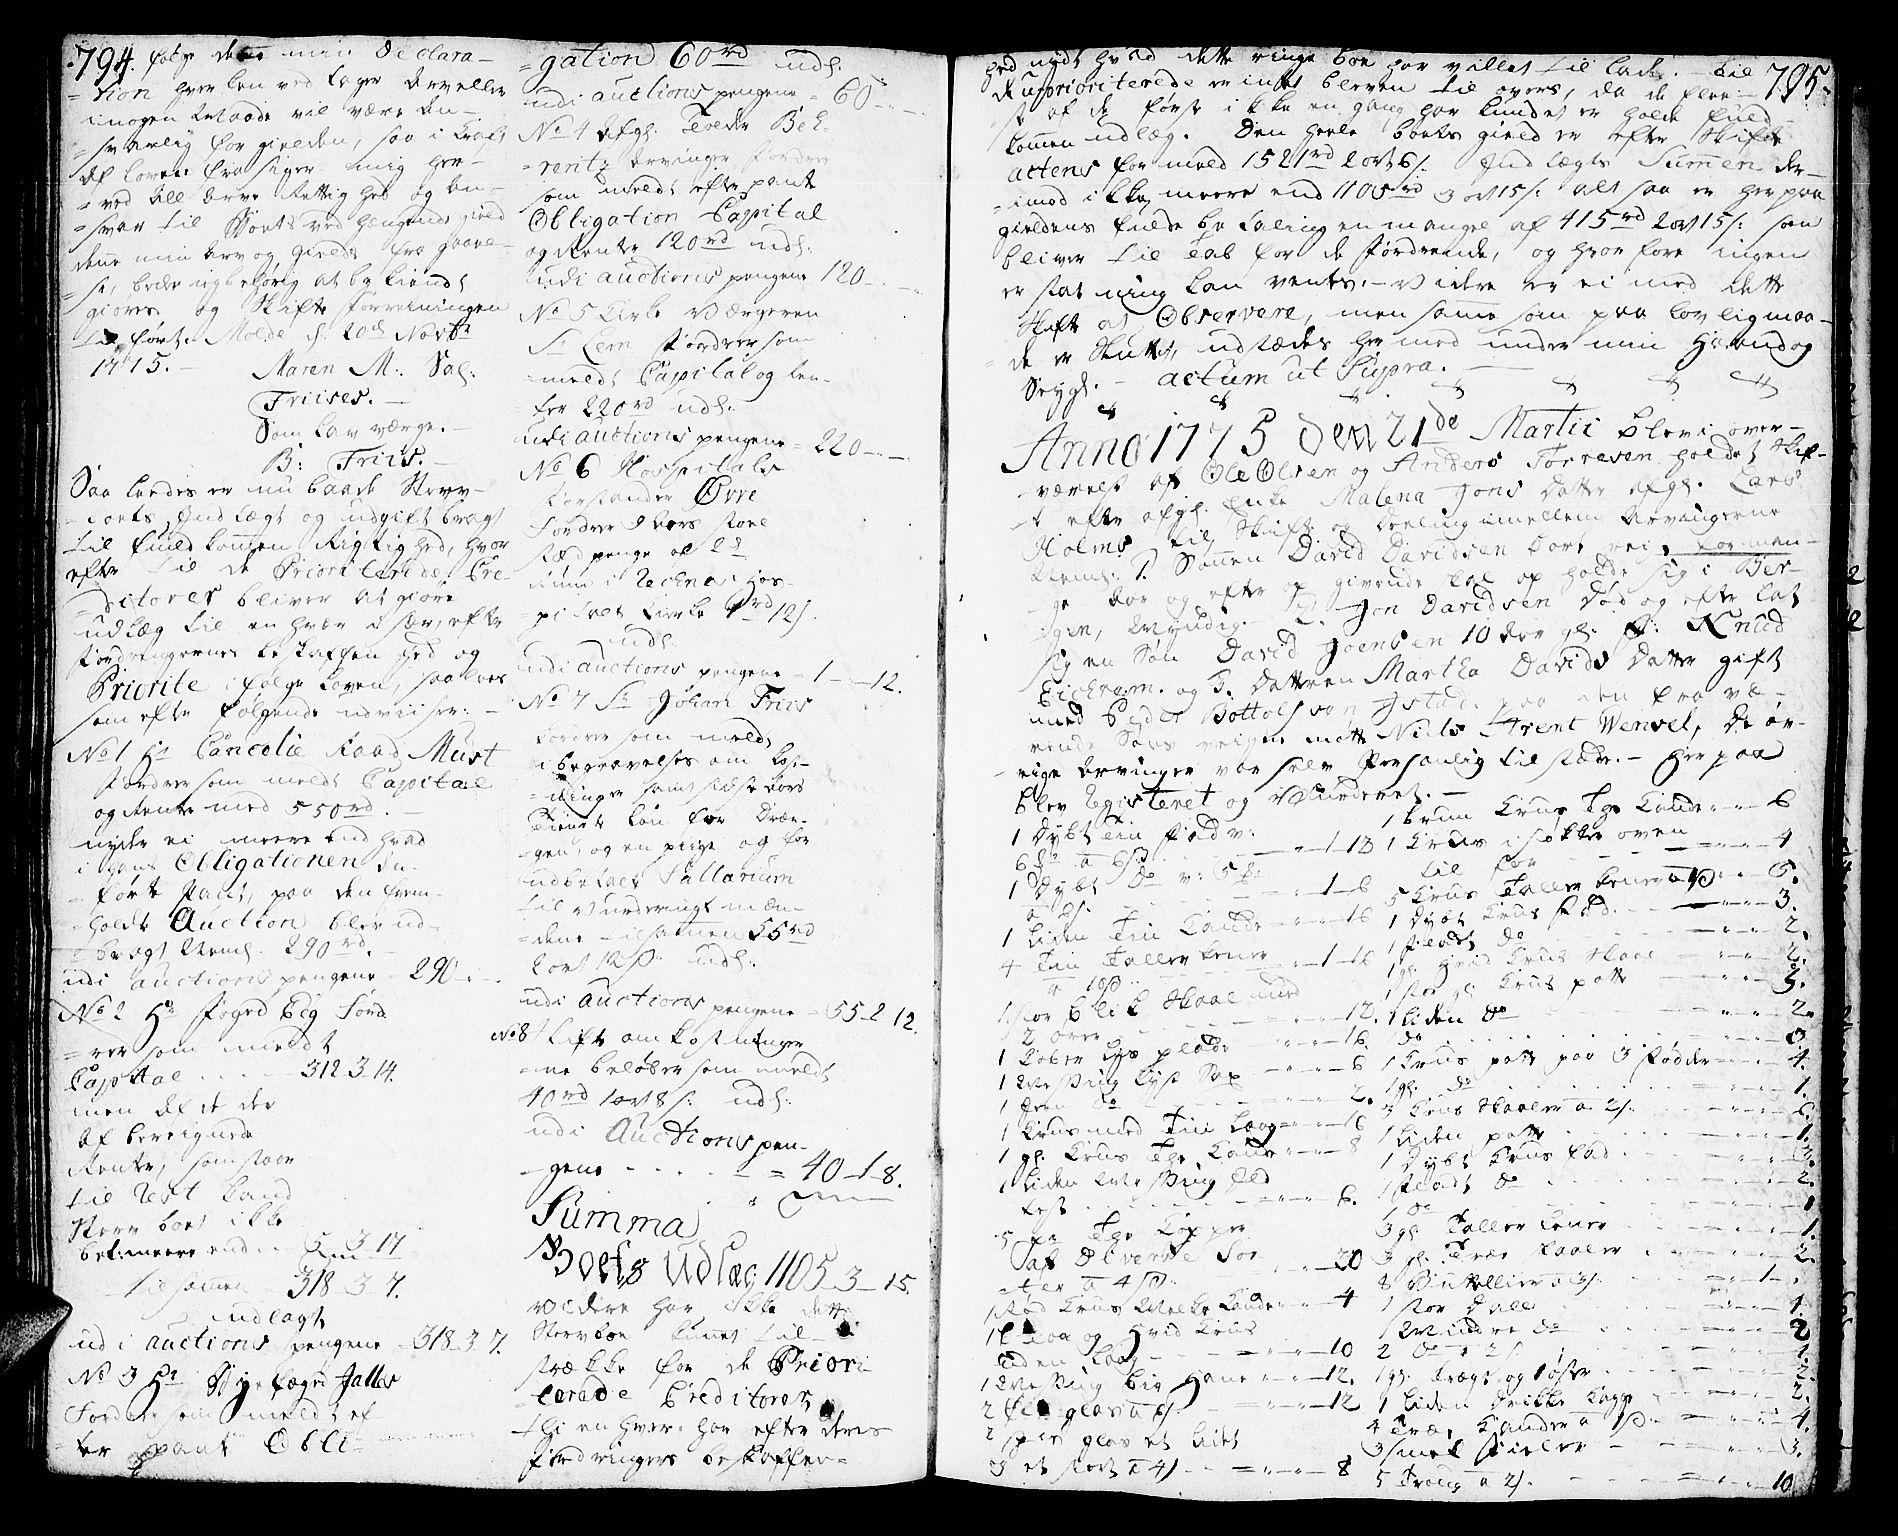 SAT, Molde byfogd, 3/3Aa/L0002: Skifteprotokoll, 1768-1787, s. 794-795